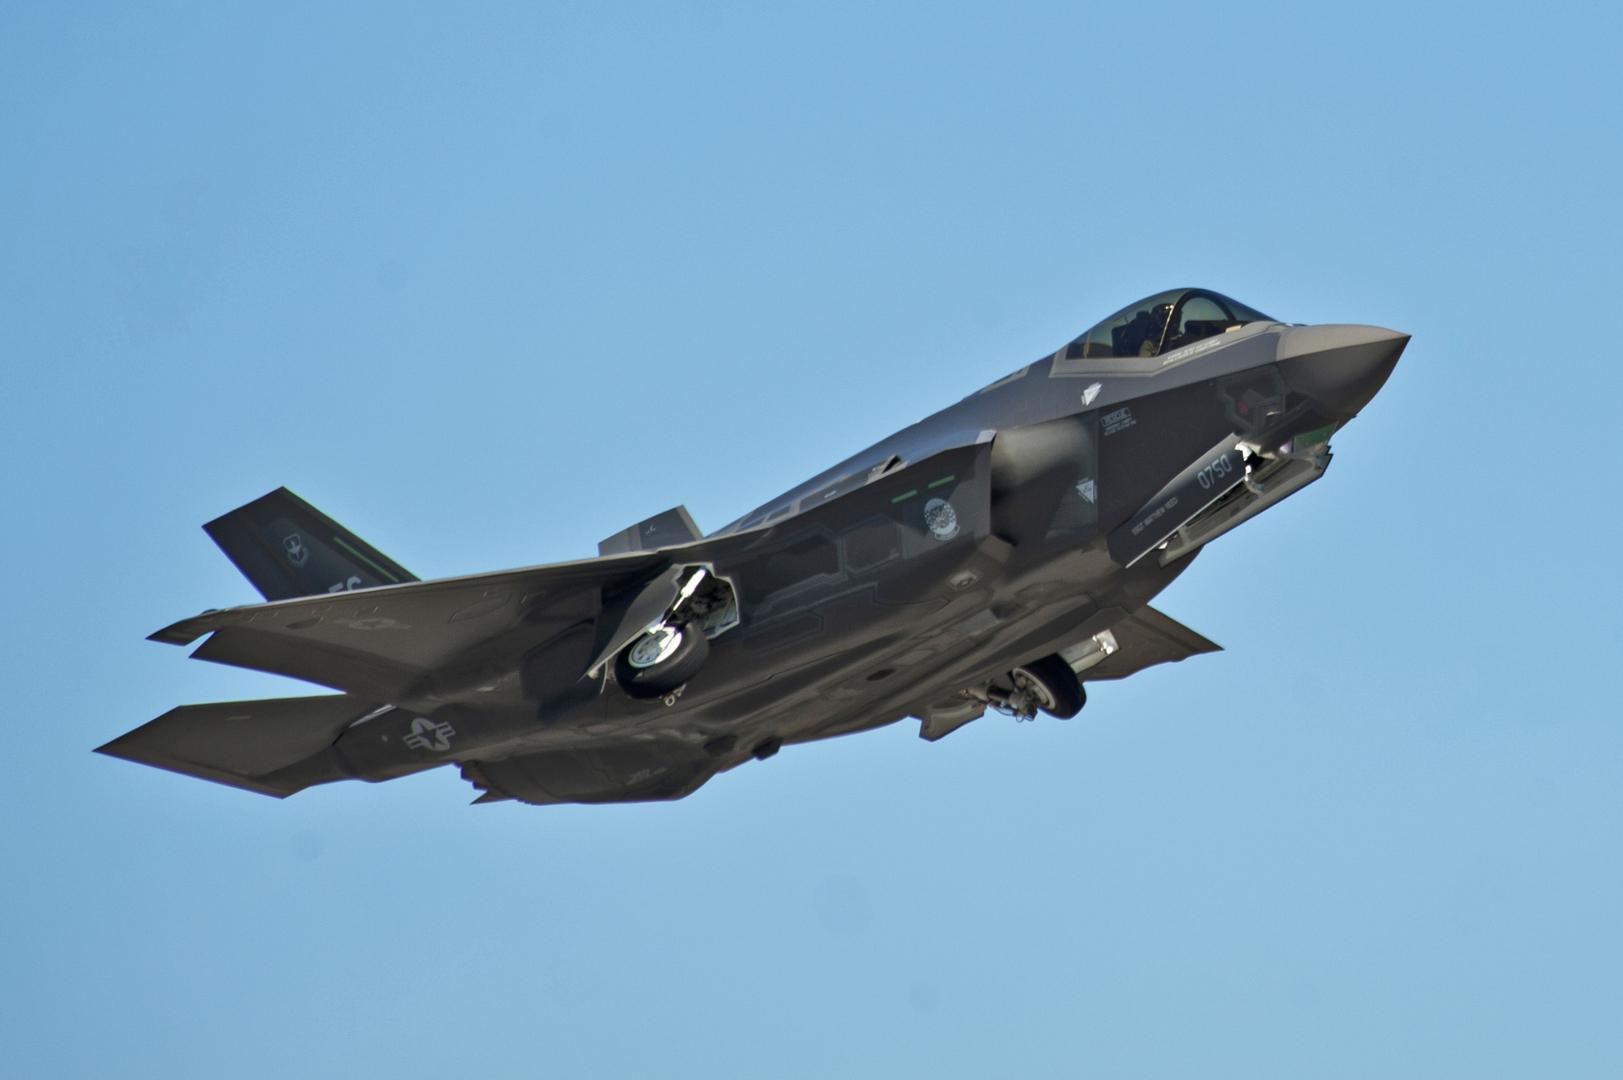 المقاتلة الأمريكية إف 35